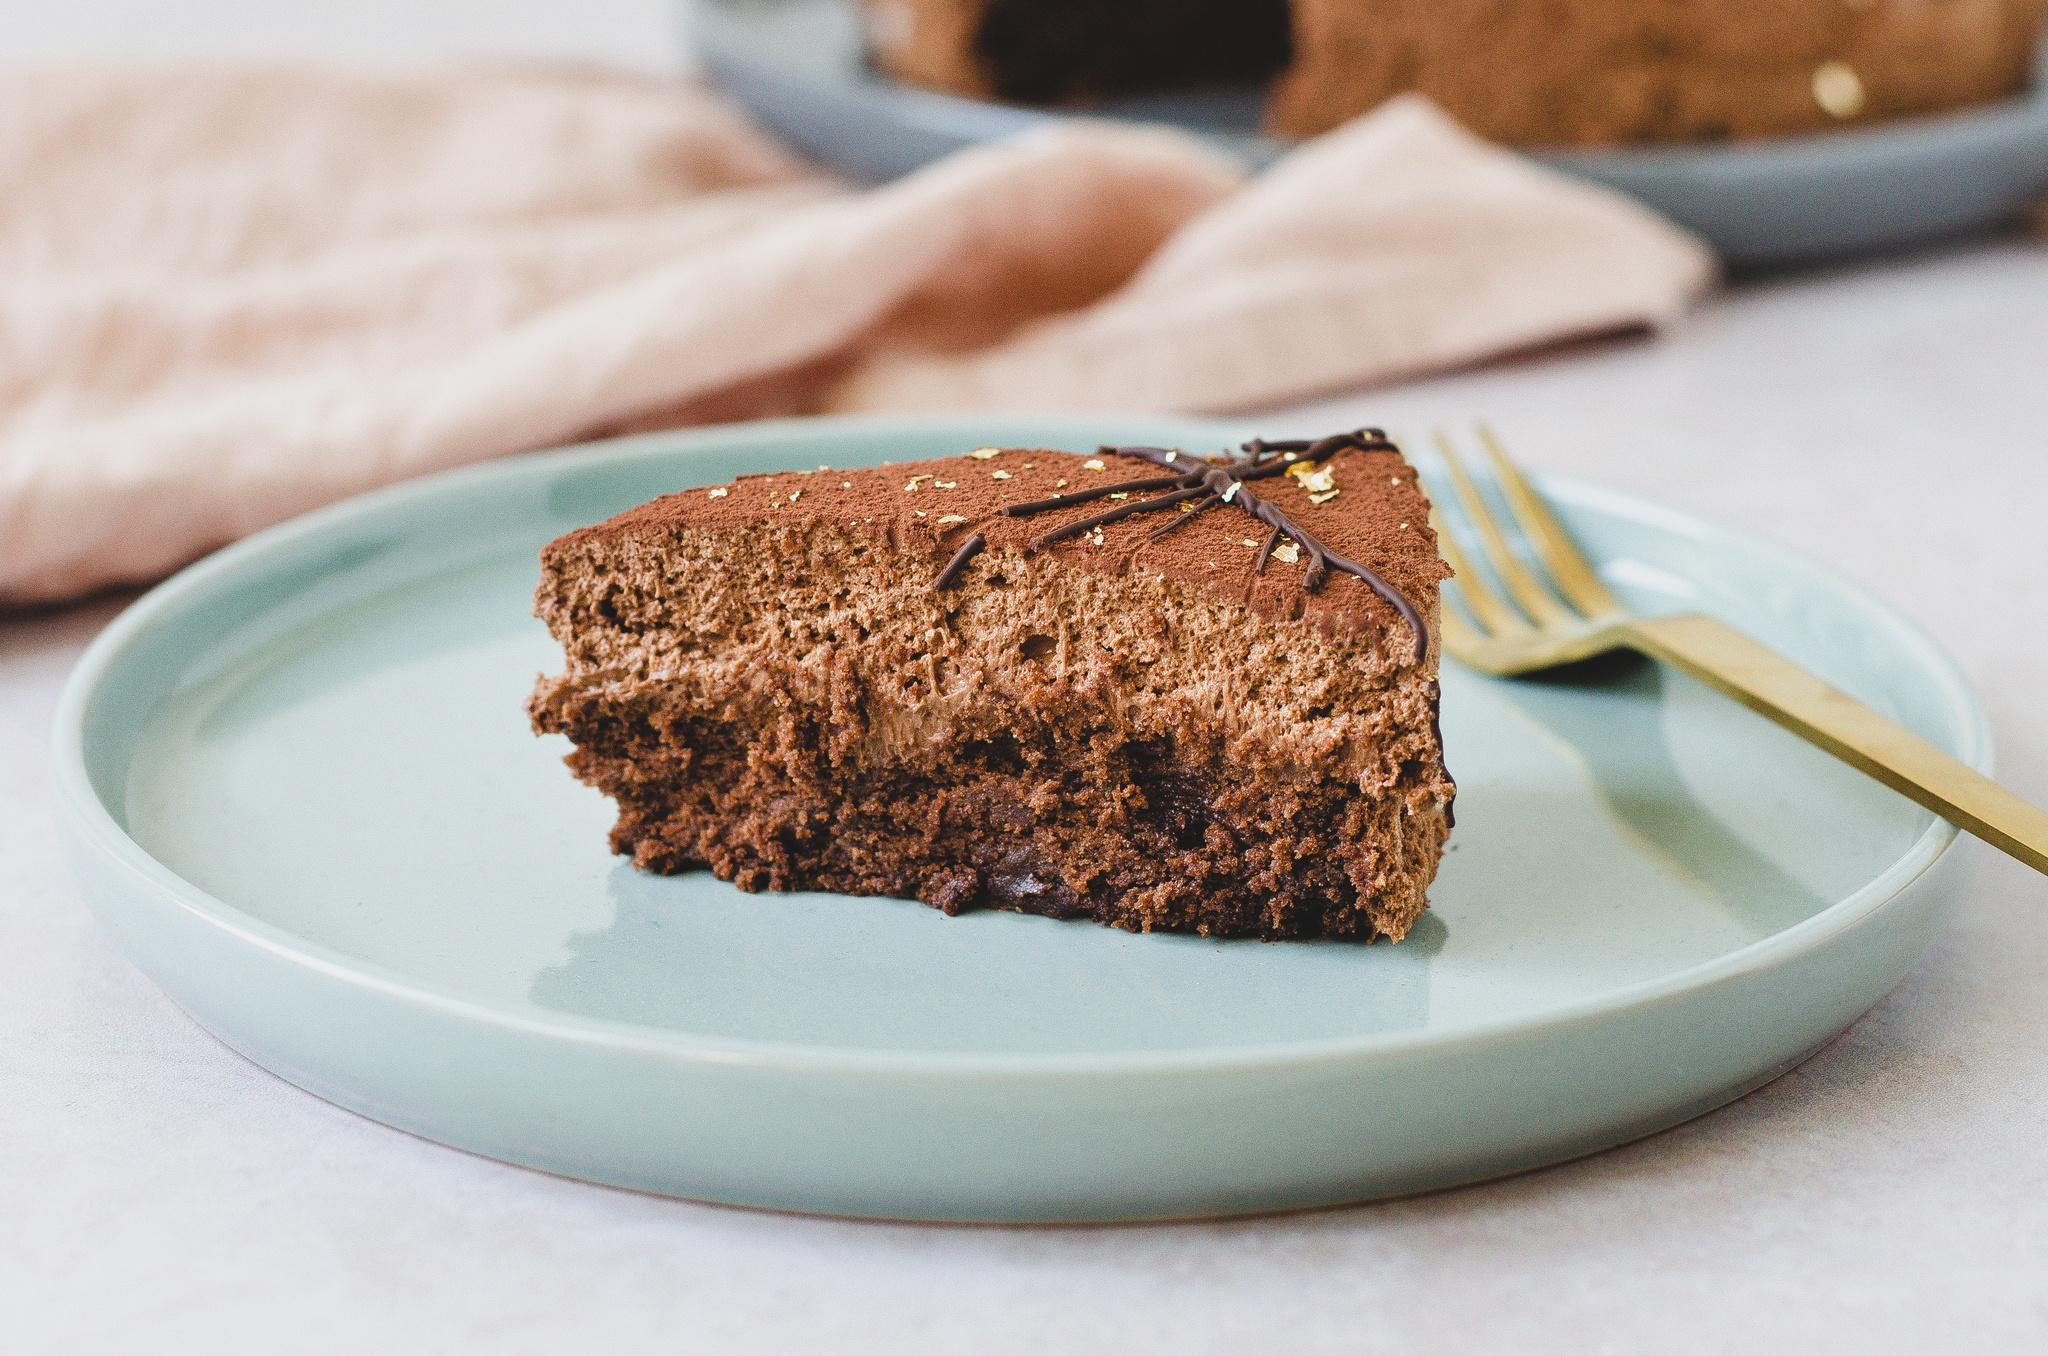 gateau marcel - kage med mousse